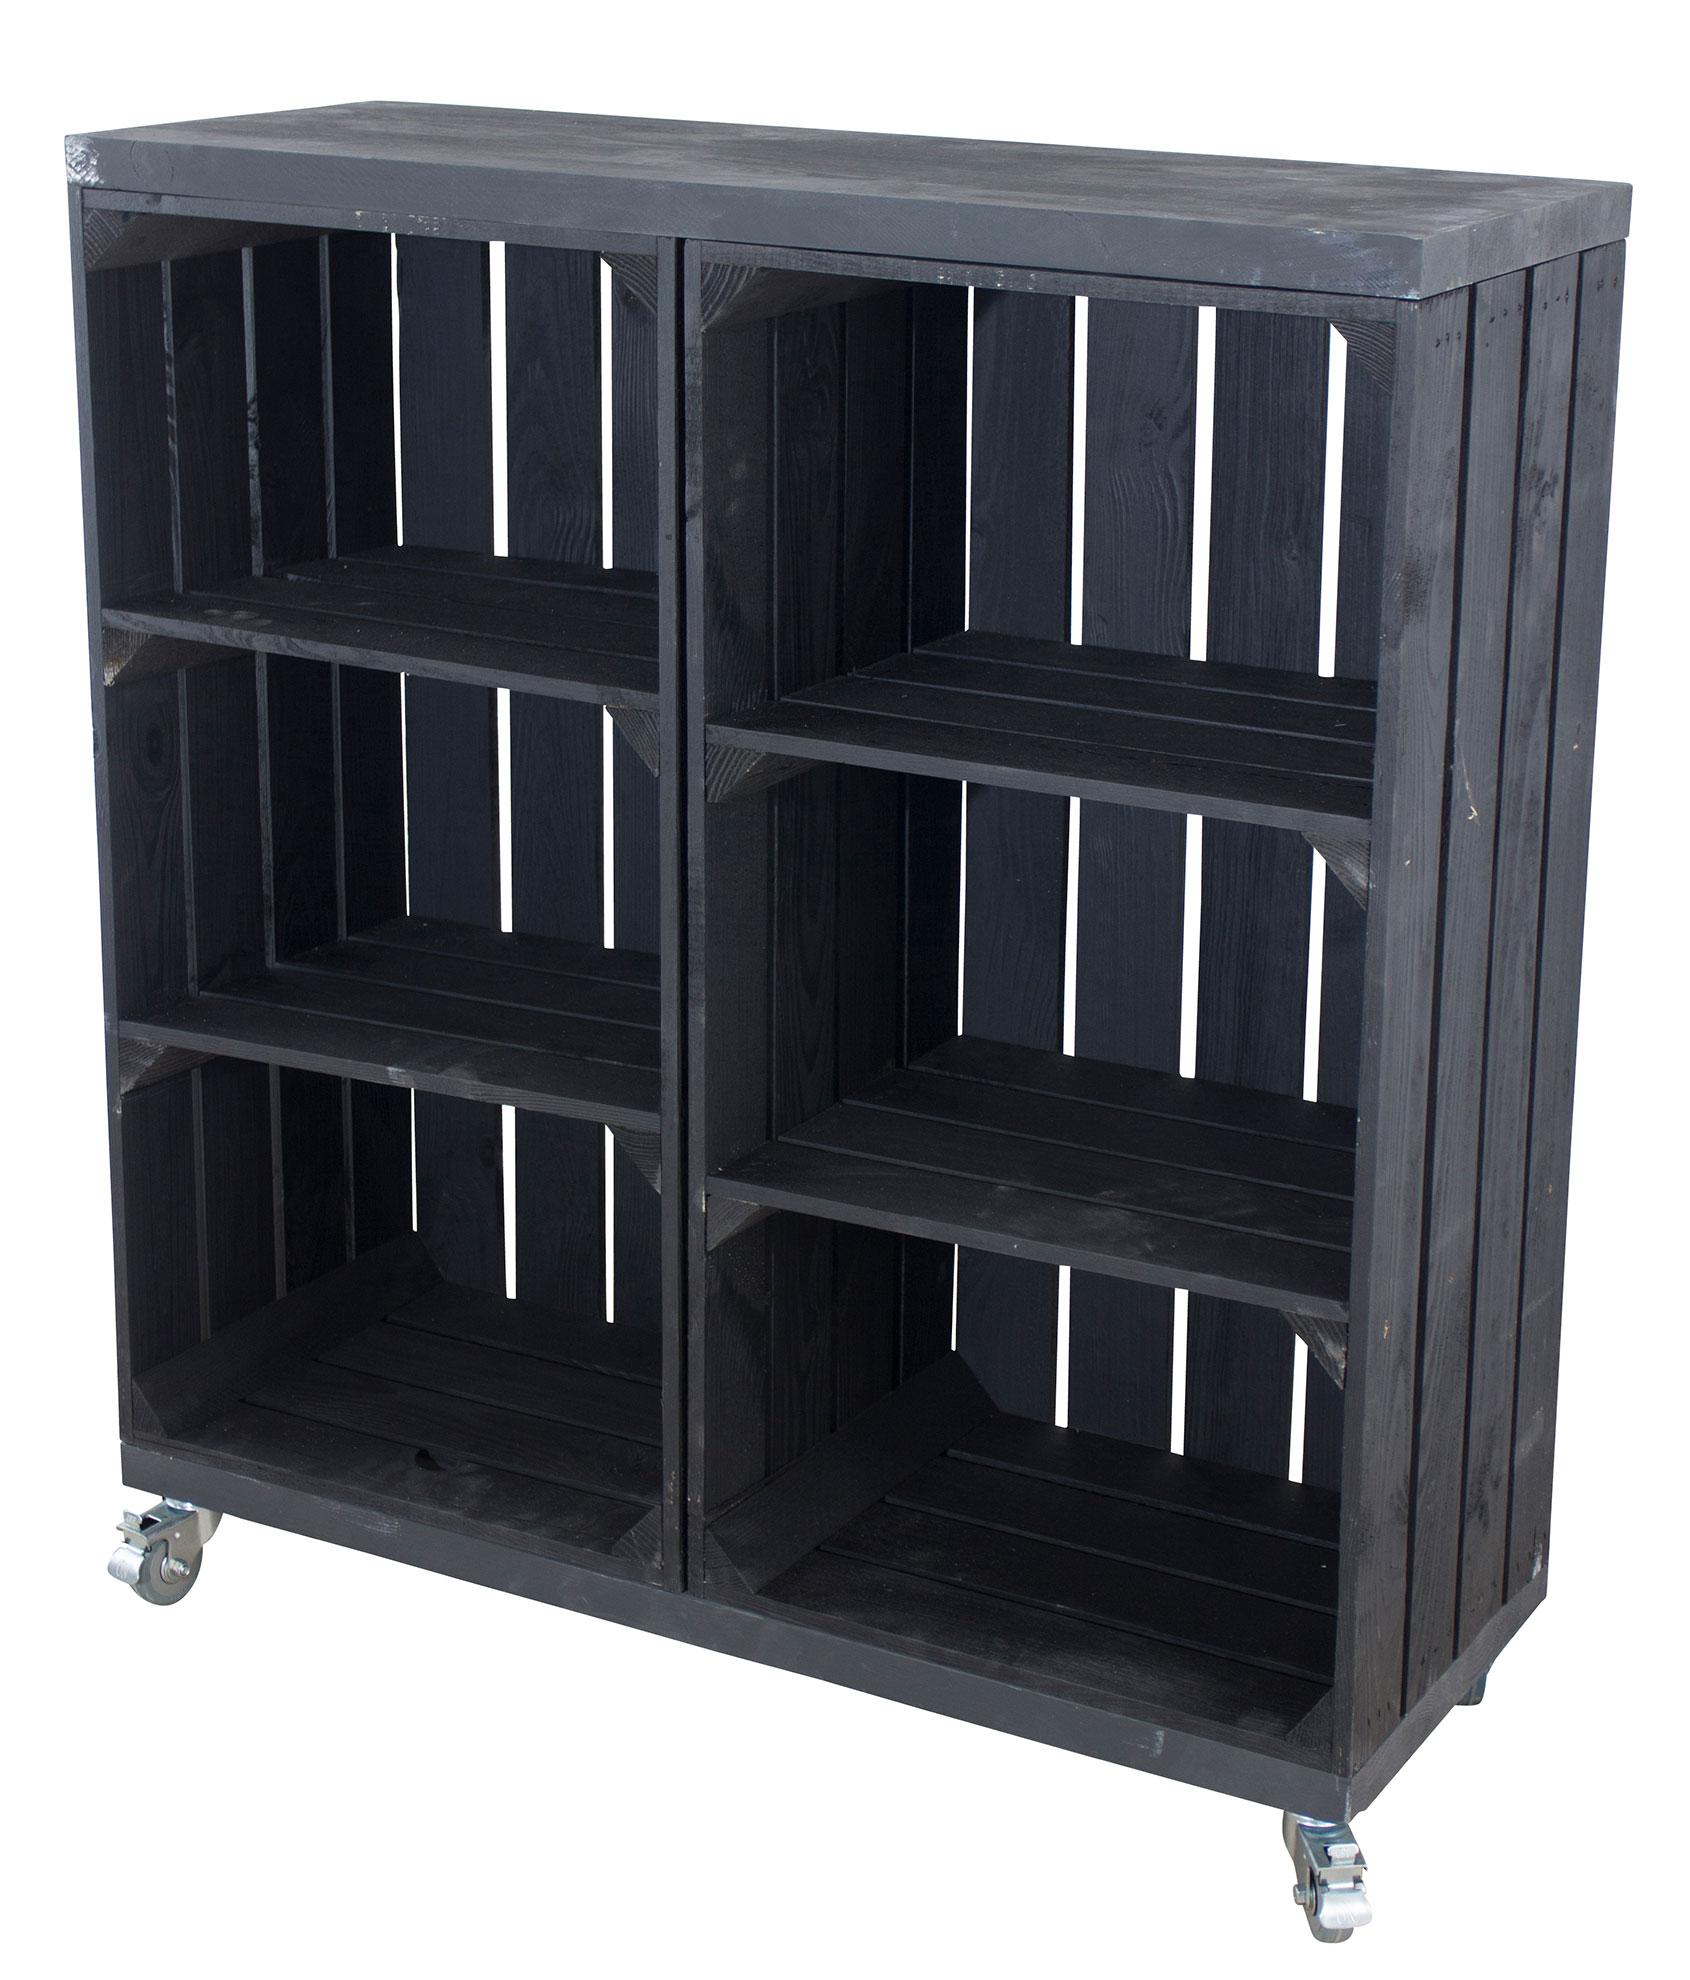 Kommode aus 2 hohen schwarzen Kisten mit 2 schwarzen Bohlenbrettern auf Rollen, 80x74x30cm